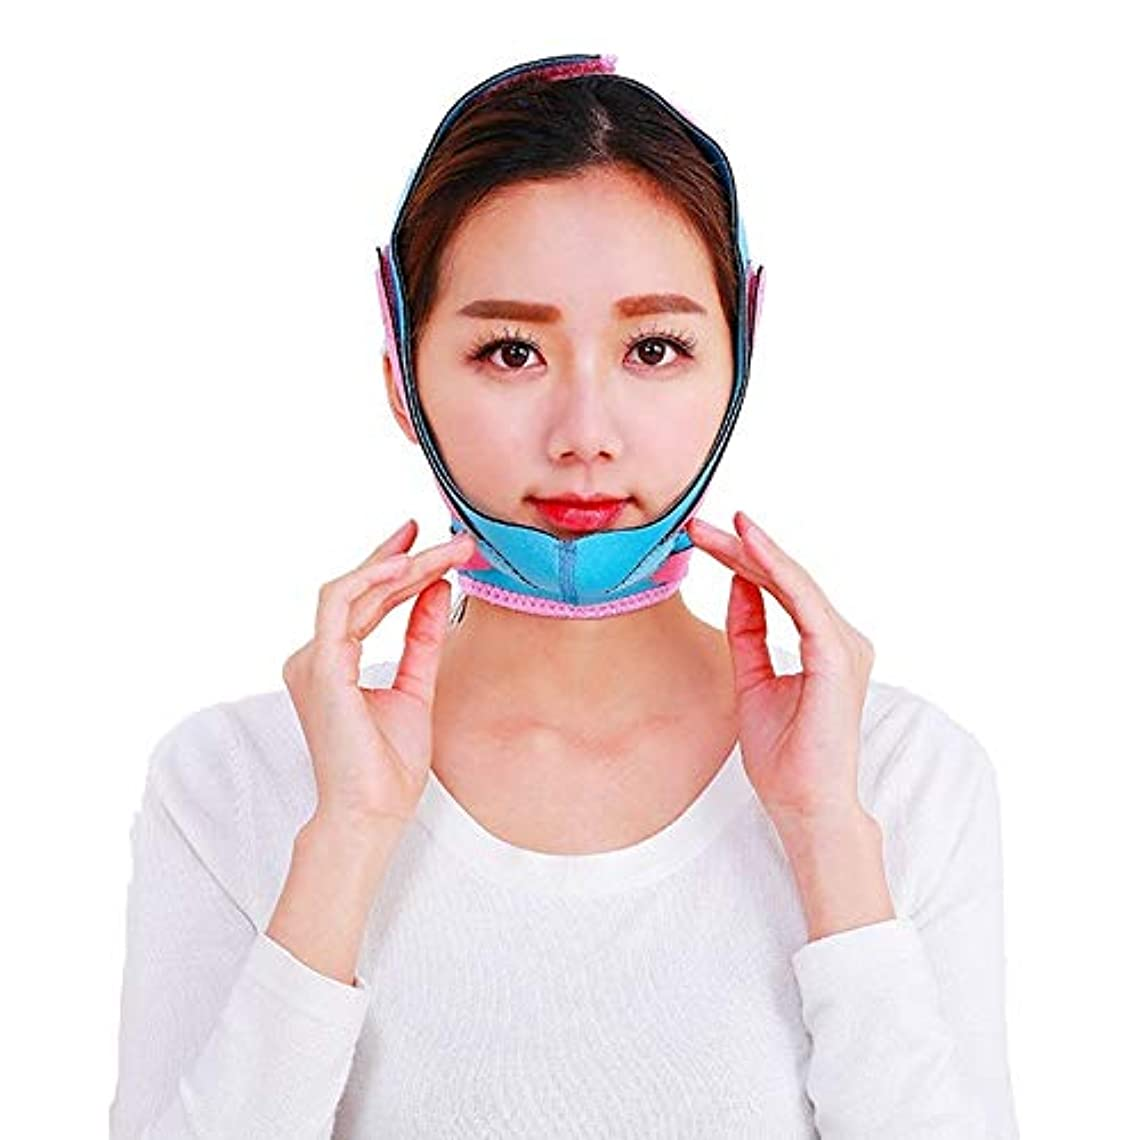 スプーンあご絶妙フェイスリフティングベルト、フェイスリフティング包帯フェイシャルフェイスシェイパーV字型包帯で、二重あごの通気性のしわ防止ベルトを軽減 (Color : Blue)